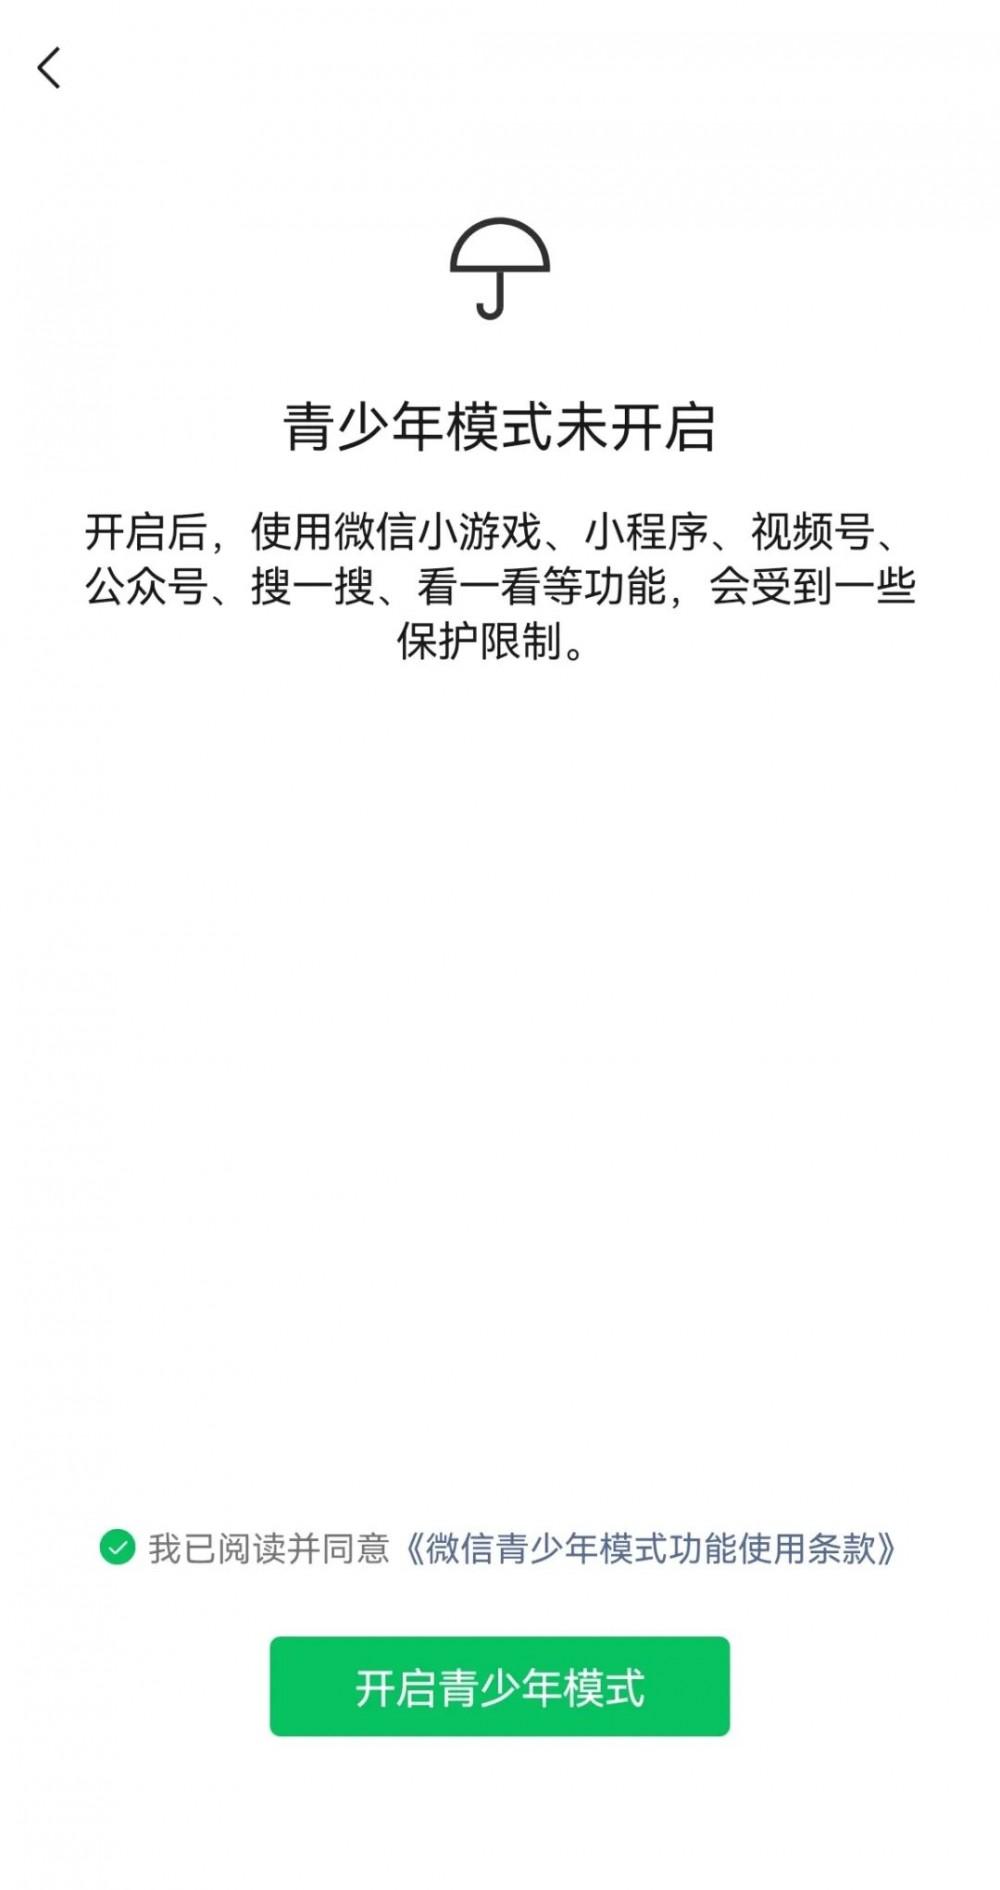 腾讯微信青少年模式翻车,被检察院起诉(未成年人网络沉迷问题一直都备受关注)插图(3)